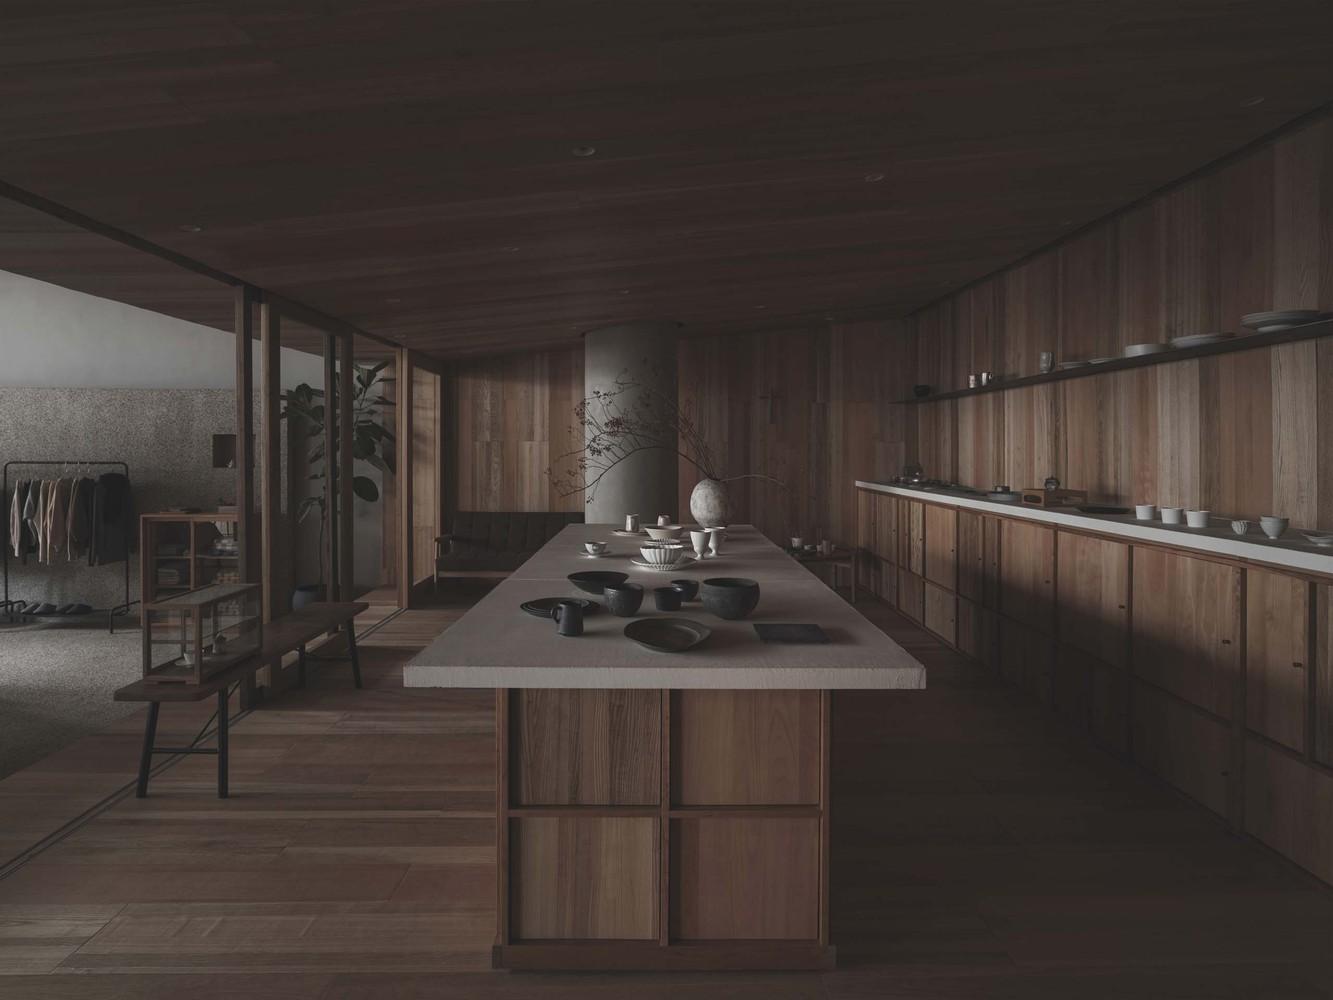 Lost & Found OōEli Store B.L.U.E Architecture Studio 03